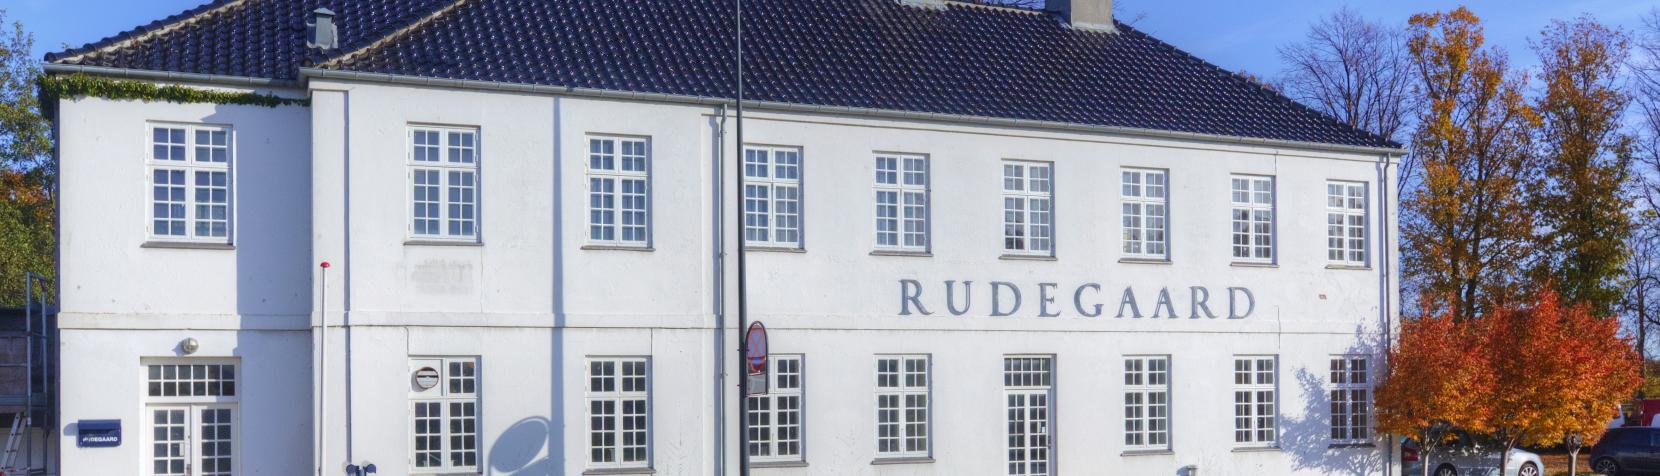 Rudegaard Idrætsanlæg - den hvide bygning